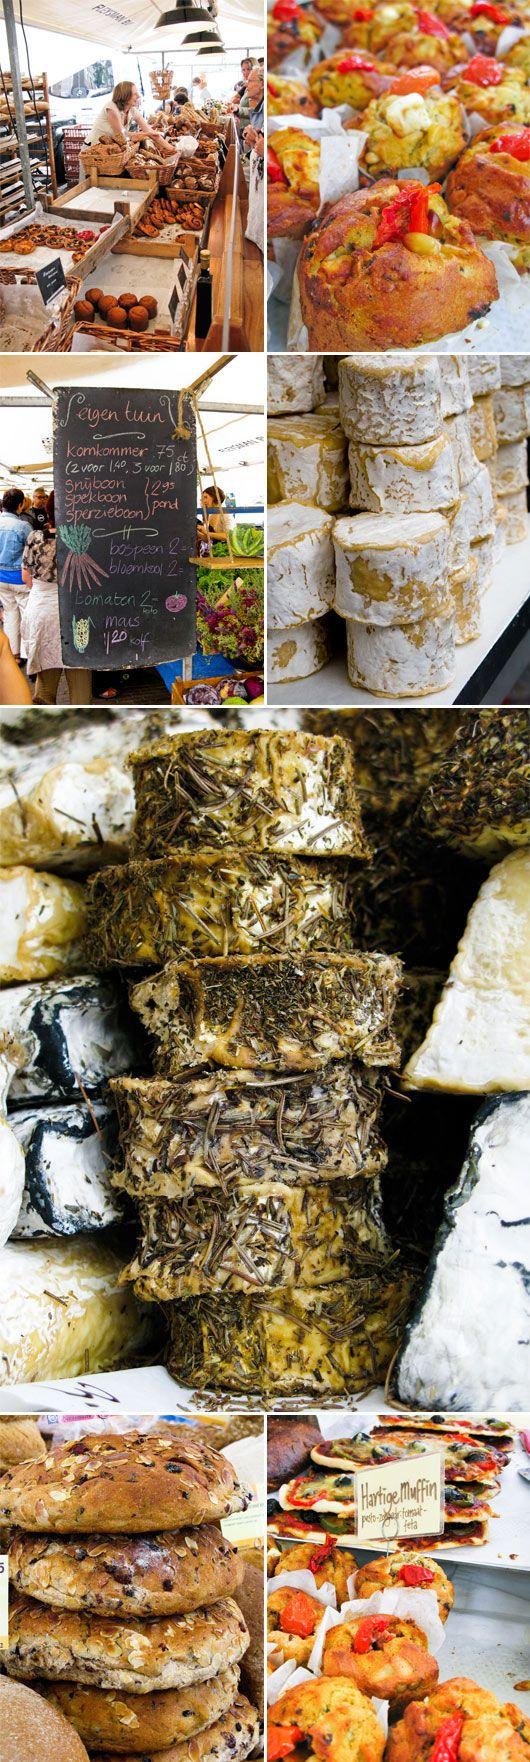 Amsterdam Organic Market  http://www.salistudio.com/blog/?c=72&y=2010&m=3